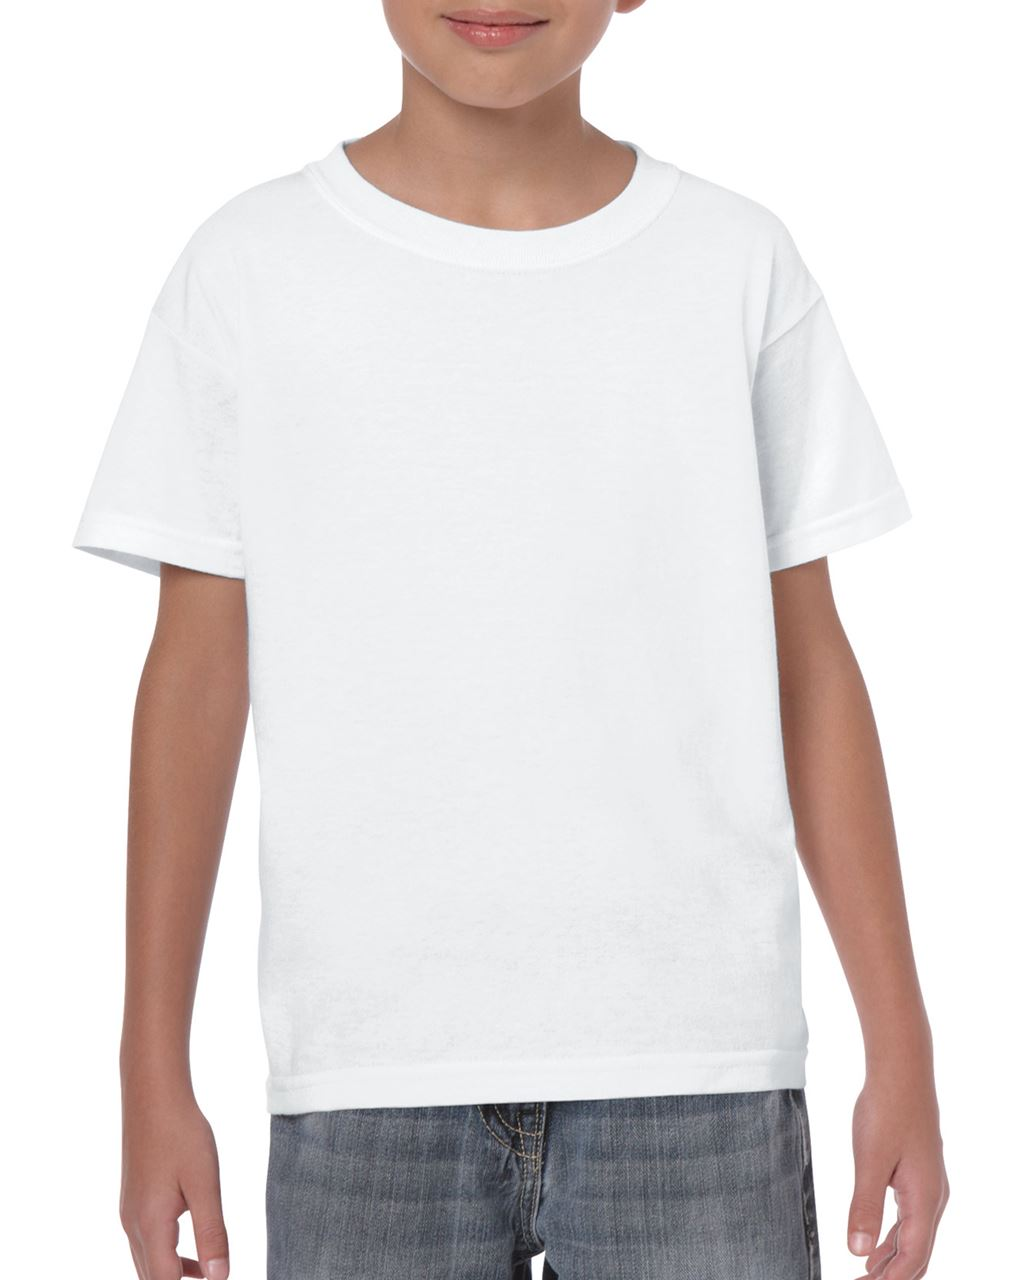 bcb74d5bf8 Gildan GIB5000 gyerek kereknyakú pamut póló - Fehér ...